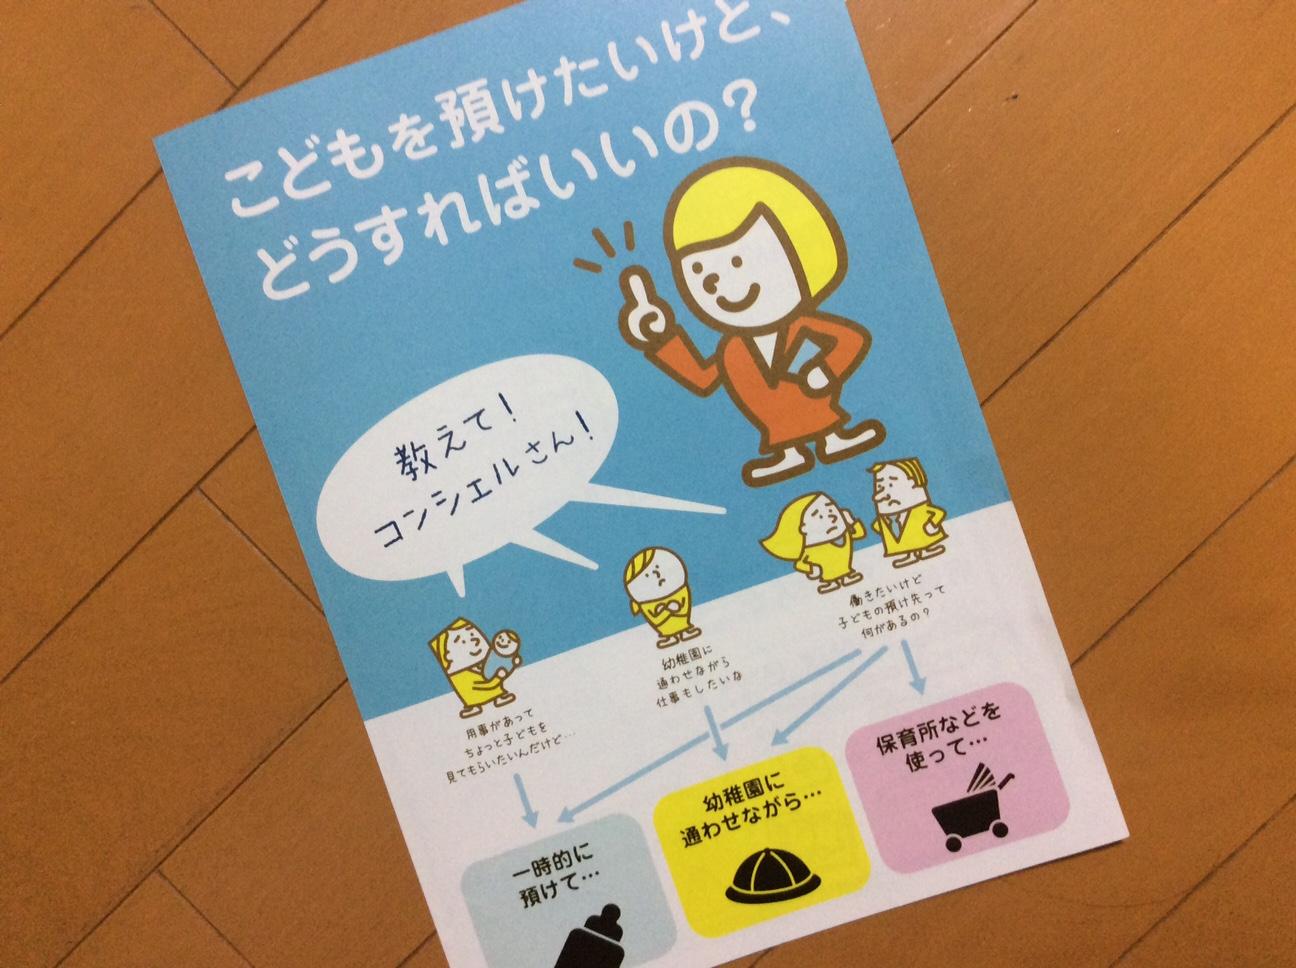 横浜市の保育コンシェルジュの紹介パンフ